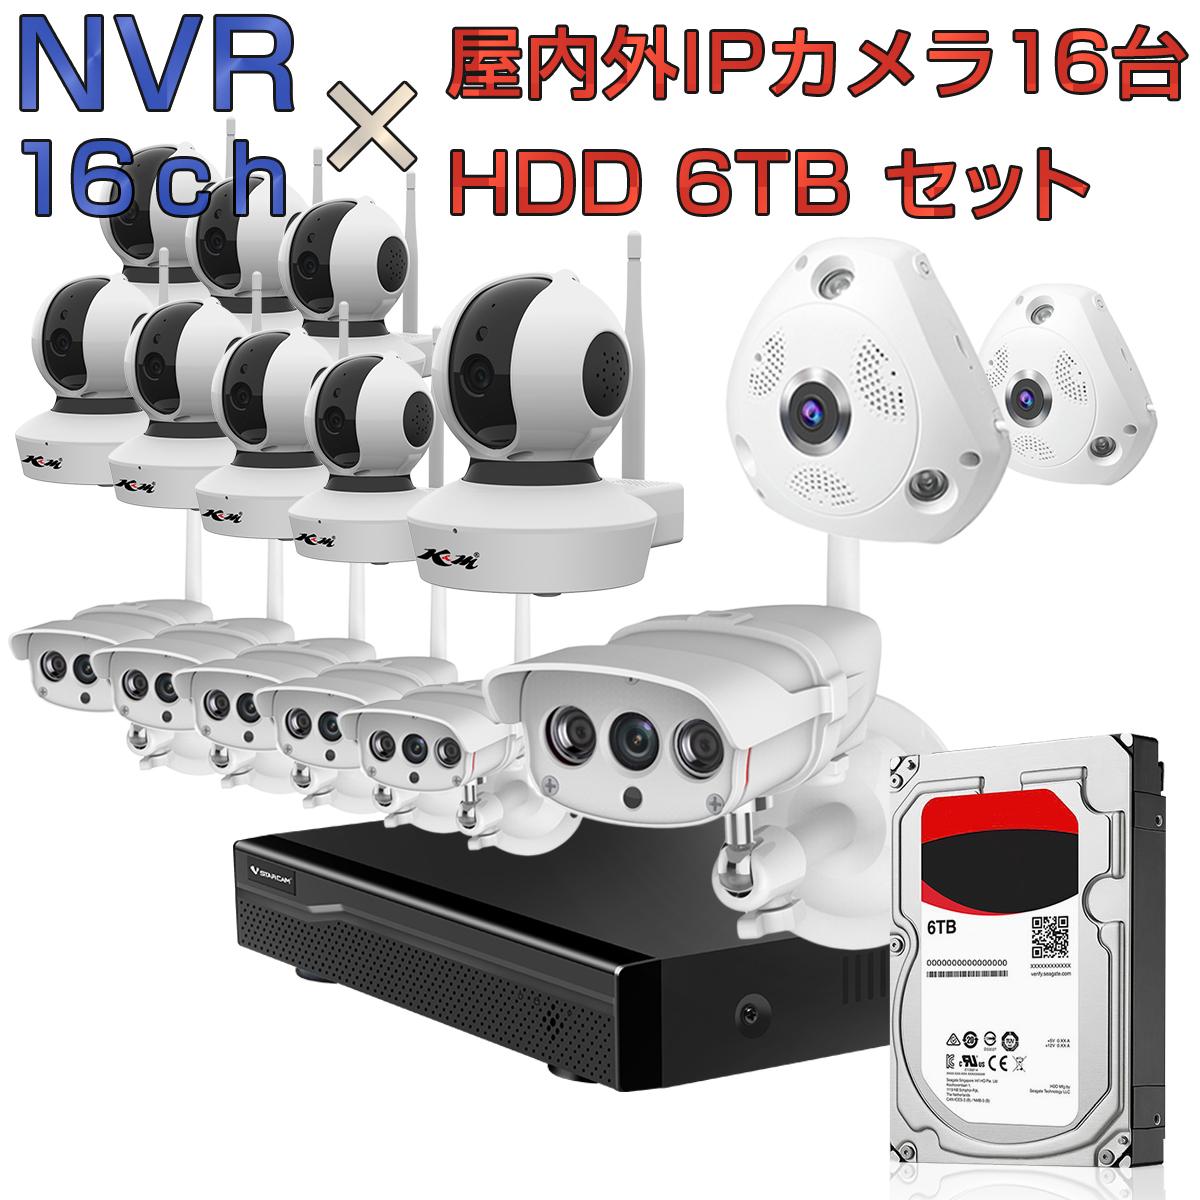 NVR ネットワークビデオレコーダー 16ch HDD6TB内蔵 C23S C61S C16S 2K 1080P 200万画素カメラ 16台セット IP ONVIF形式 スマホ対応 遠隔監視 1080P FHD 動体検知 同時出力 録音対応 H.265+ IPカメラレコーダー監視システム 宅配便送料無料 1年保証